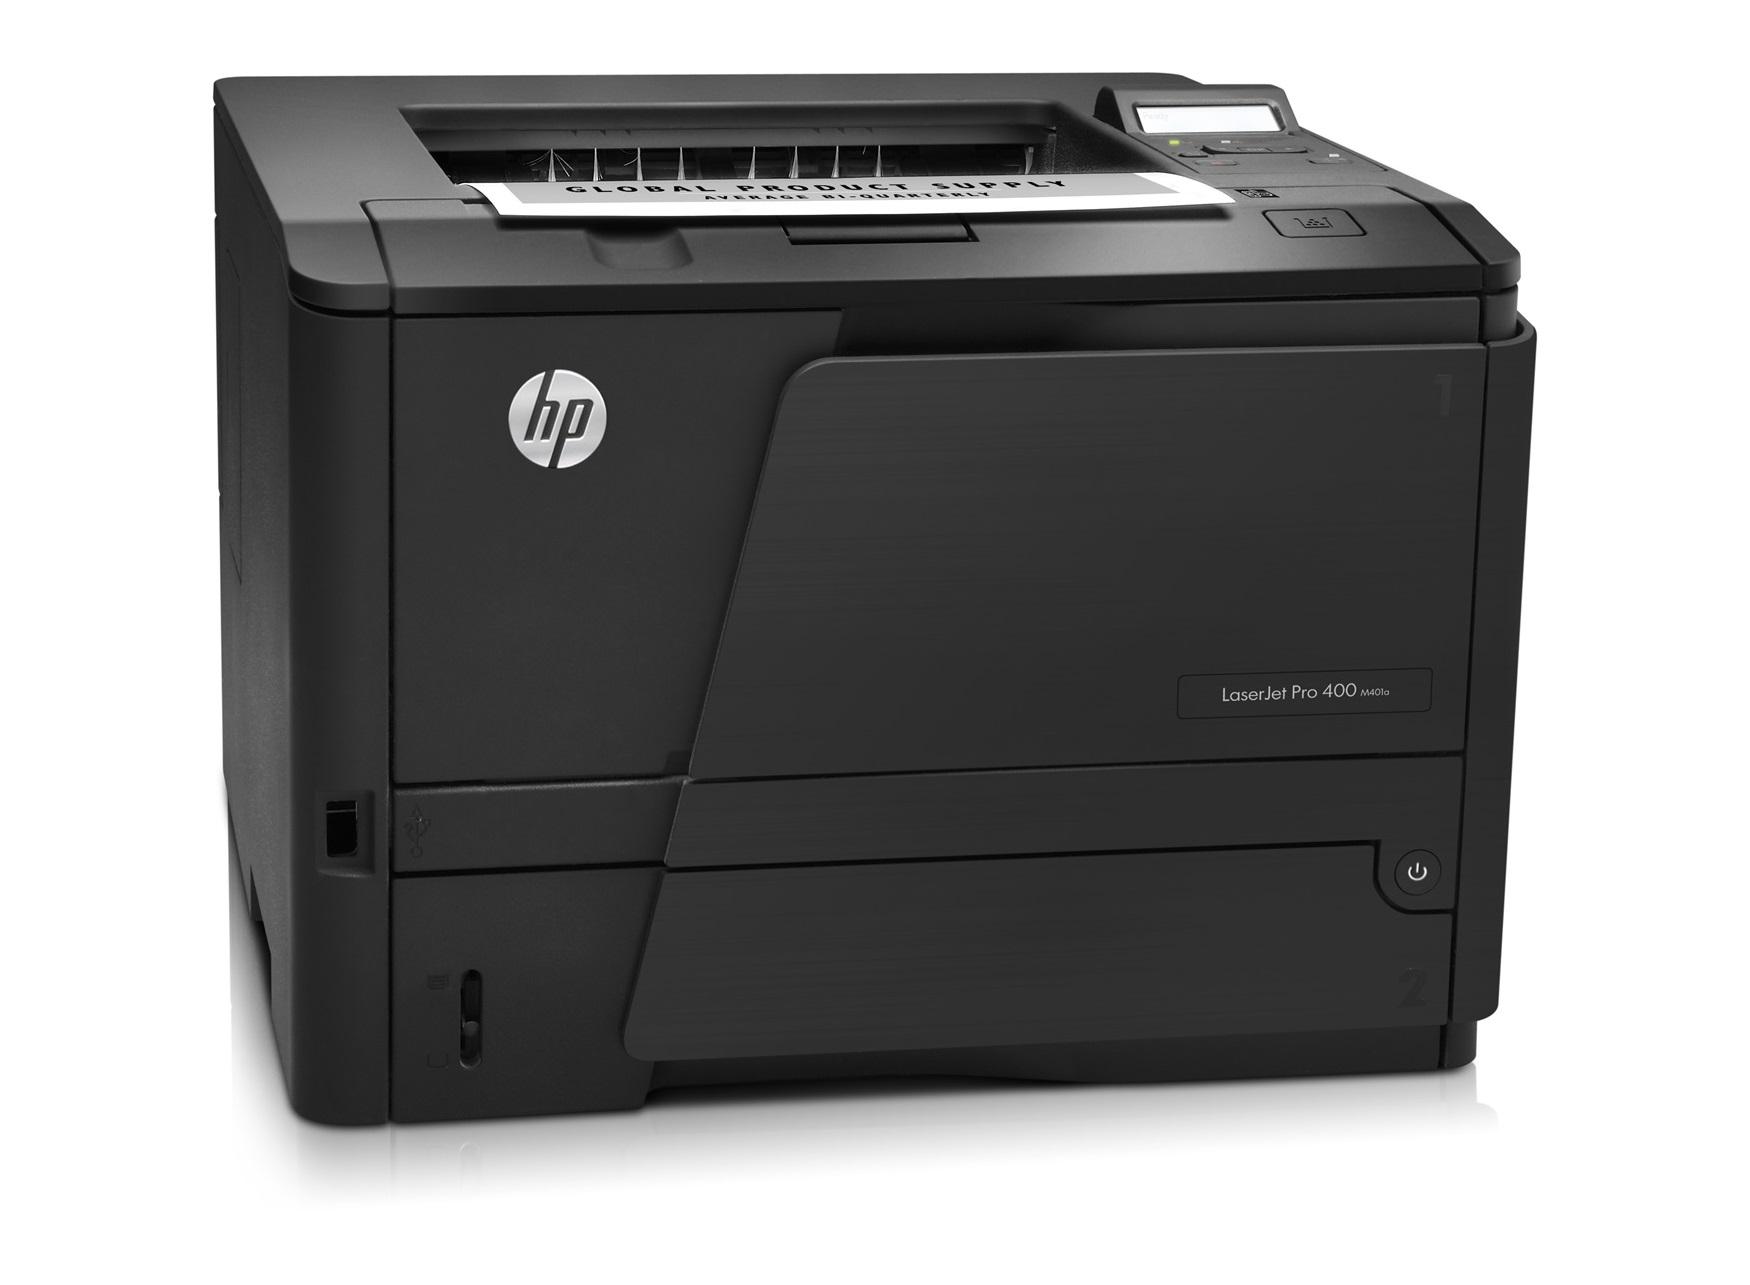 Принтер HP LaserJet Pro 400 Printer M401a